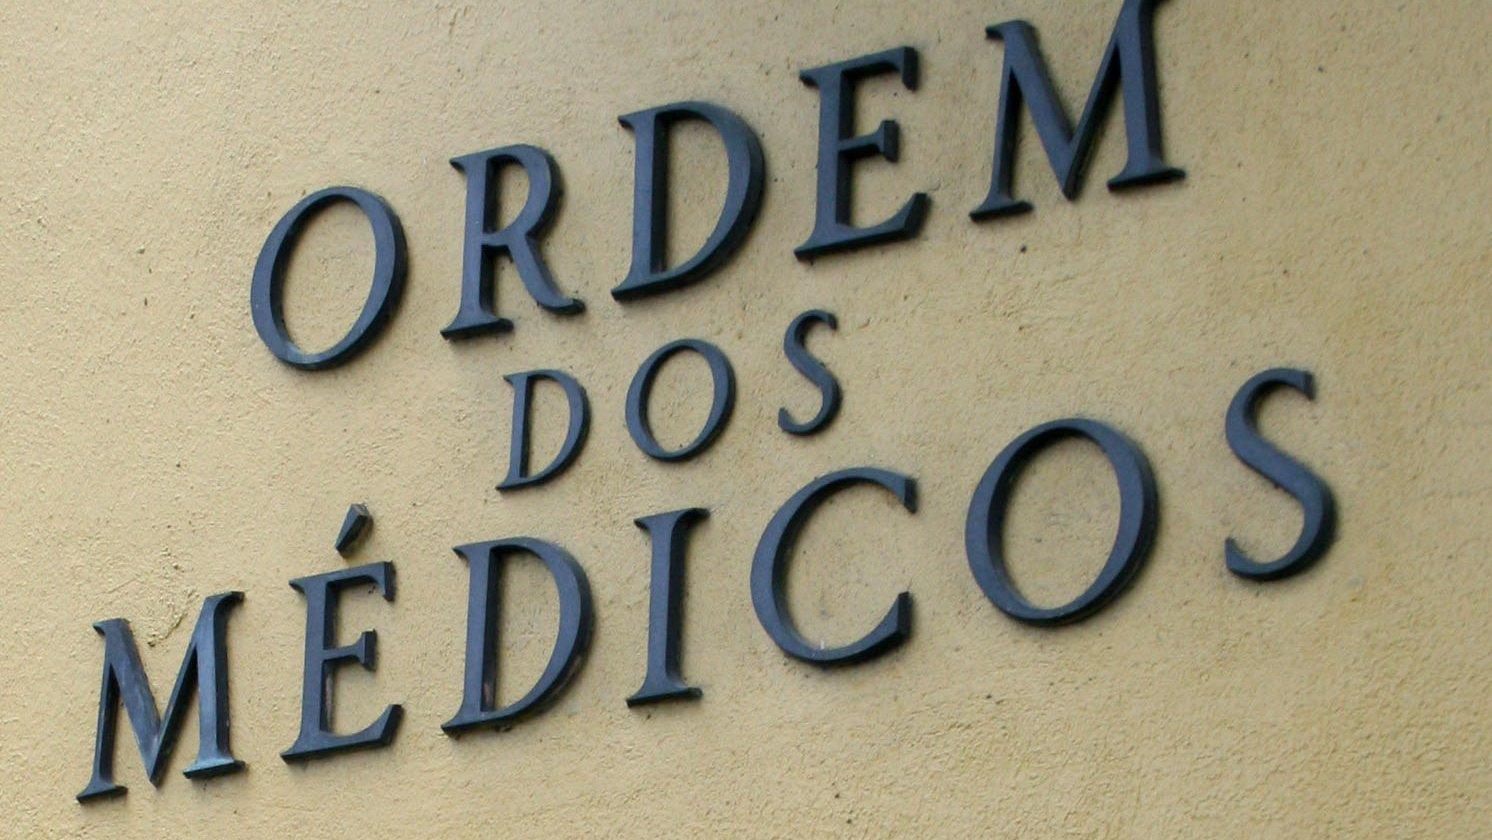 Logotipo da Ordem dos Médicos, em Lisboa, 25 de Fevereiro de 2008. MAFALDA LEITÃO / LUSA